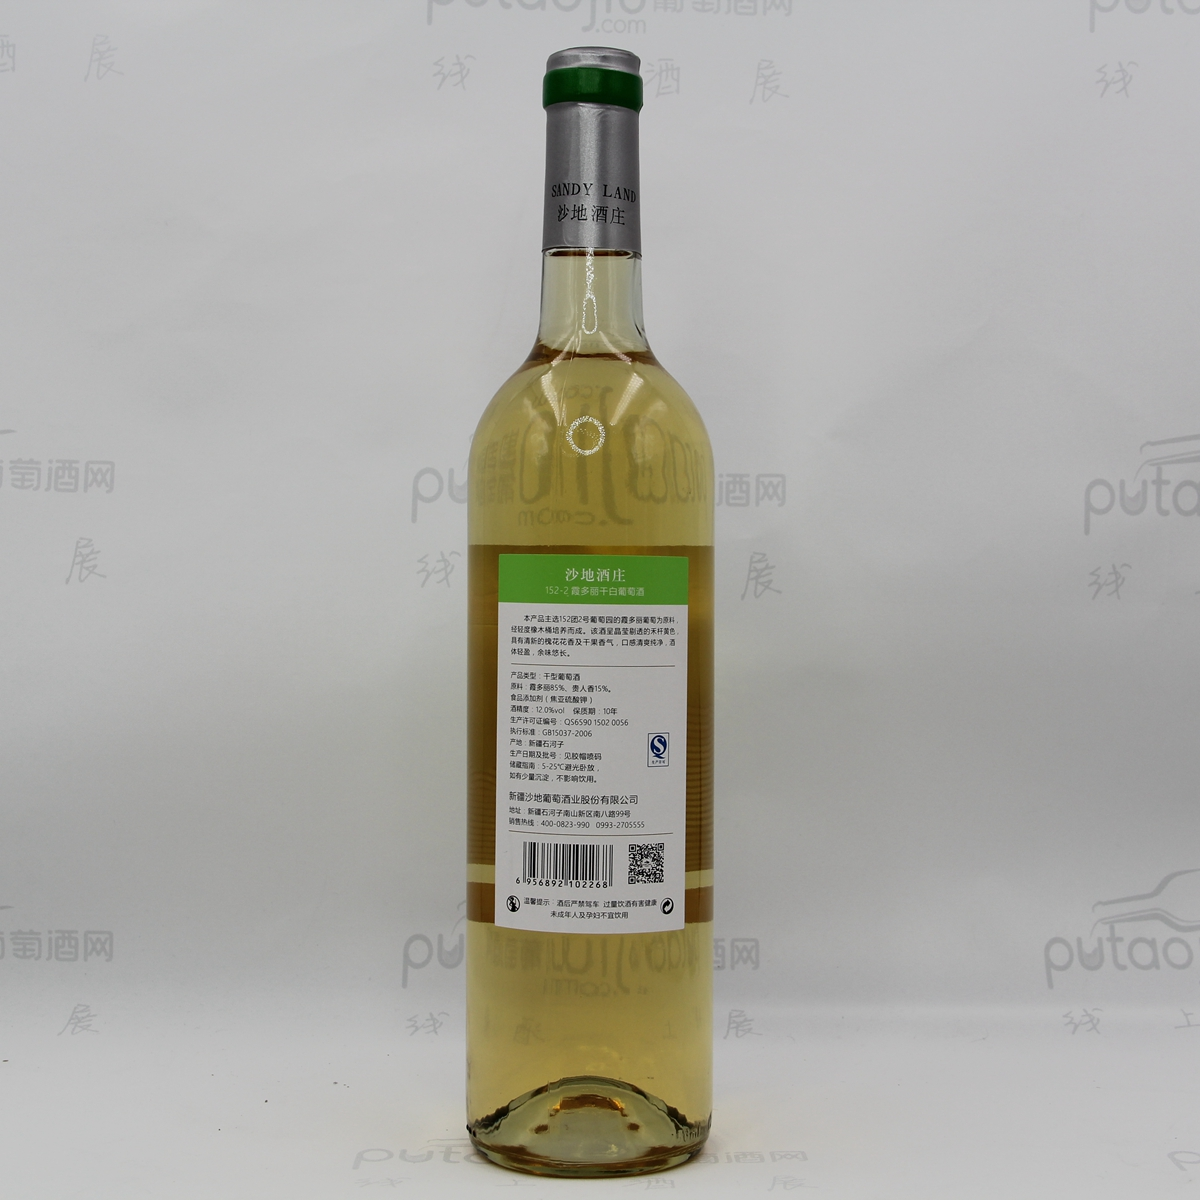 沙地酒庄 152-2霞多丽干白葡萄酒